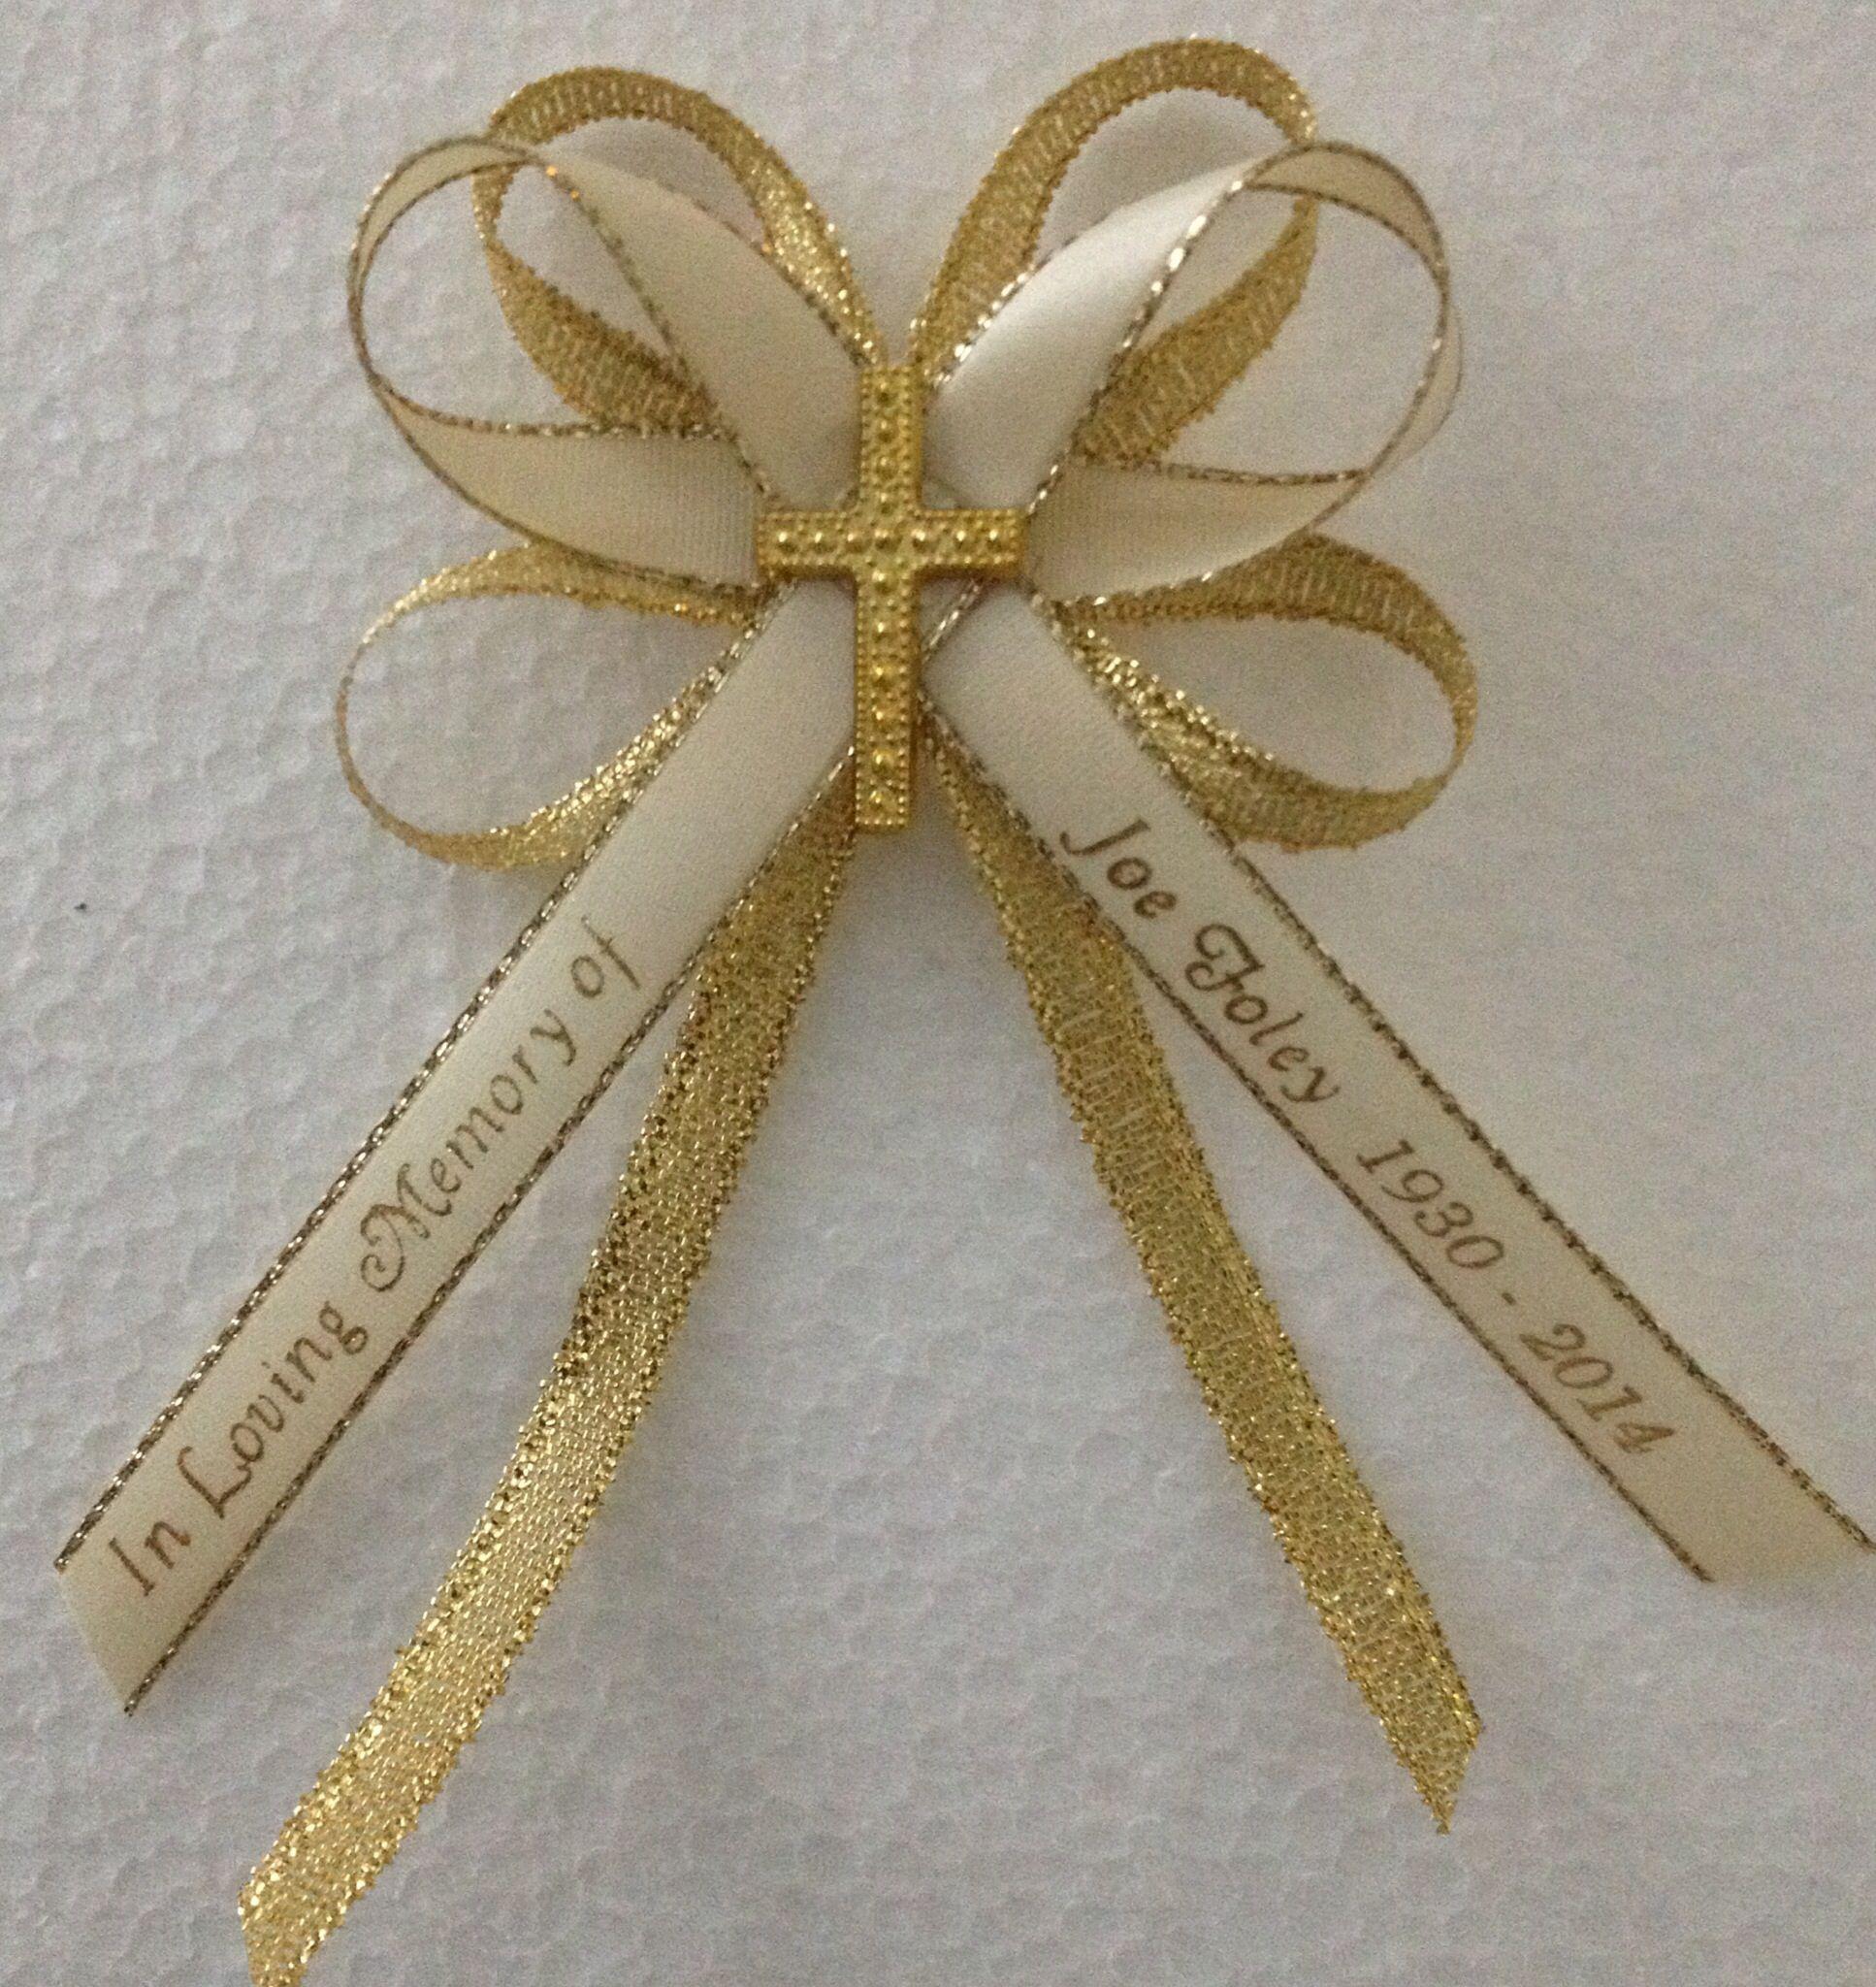 Brand-new Ribbon made to orderAnniversaries, Birthdays, Funerals, Baby  VT17